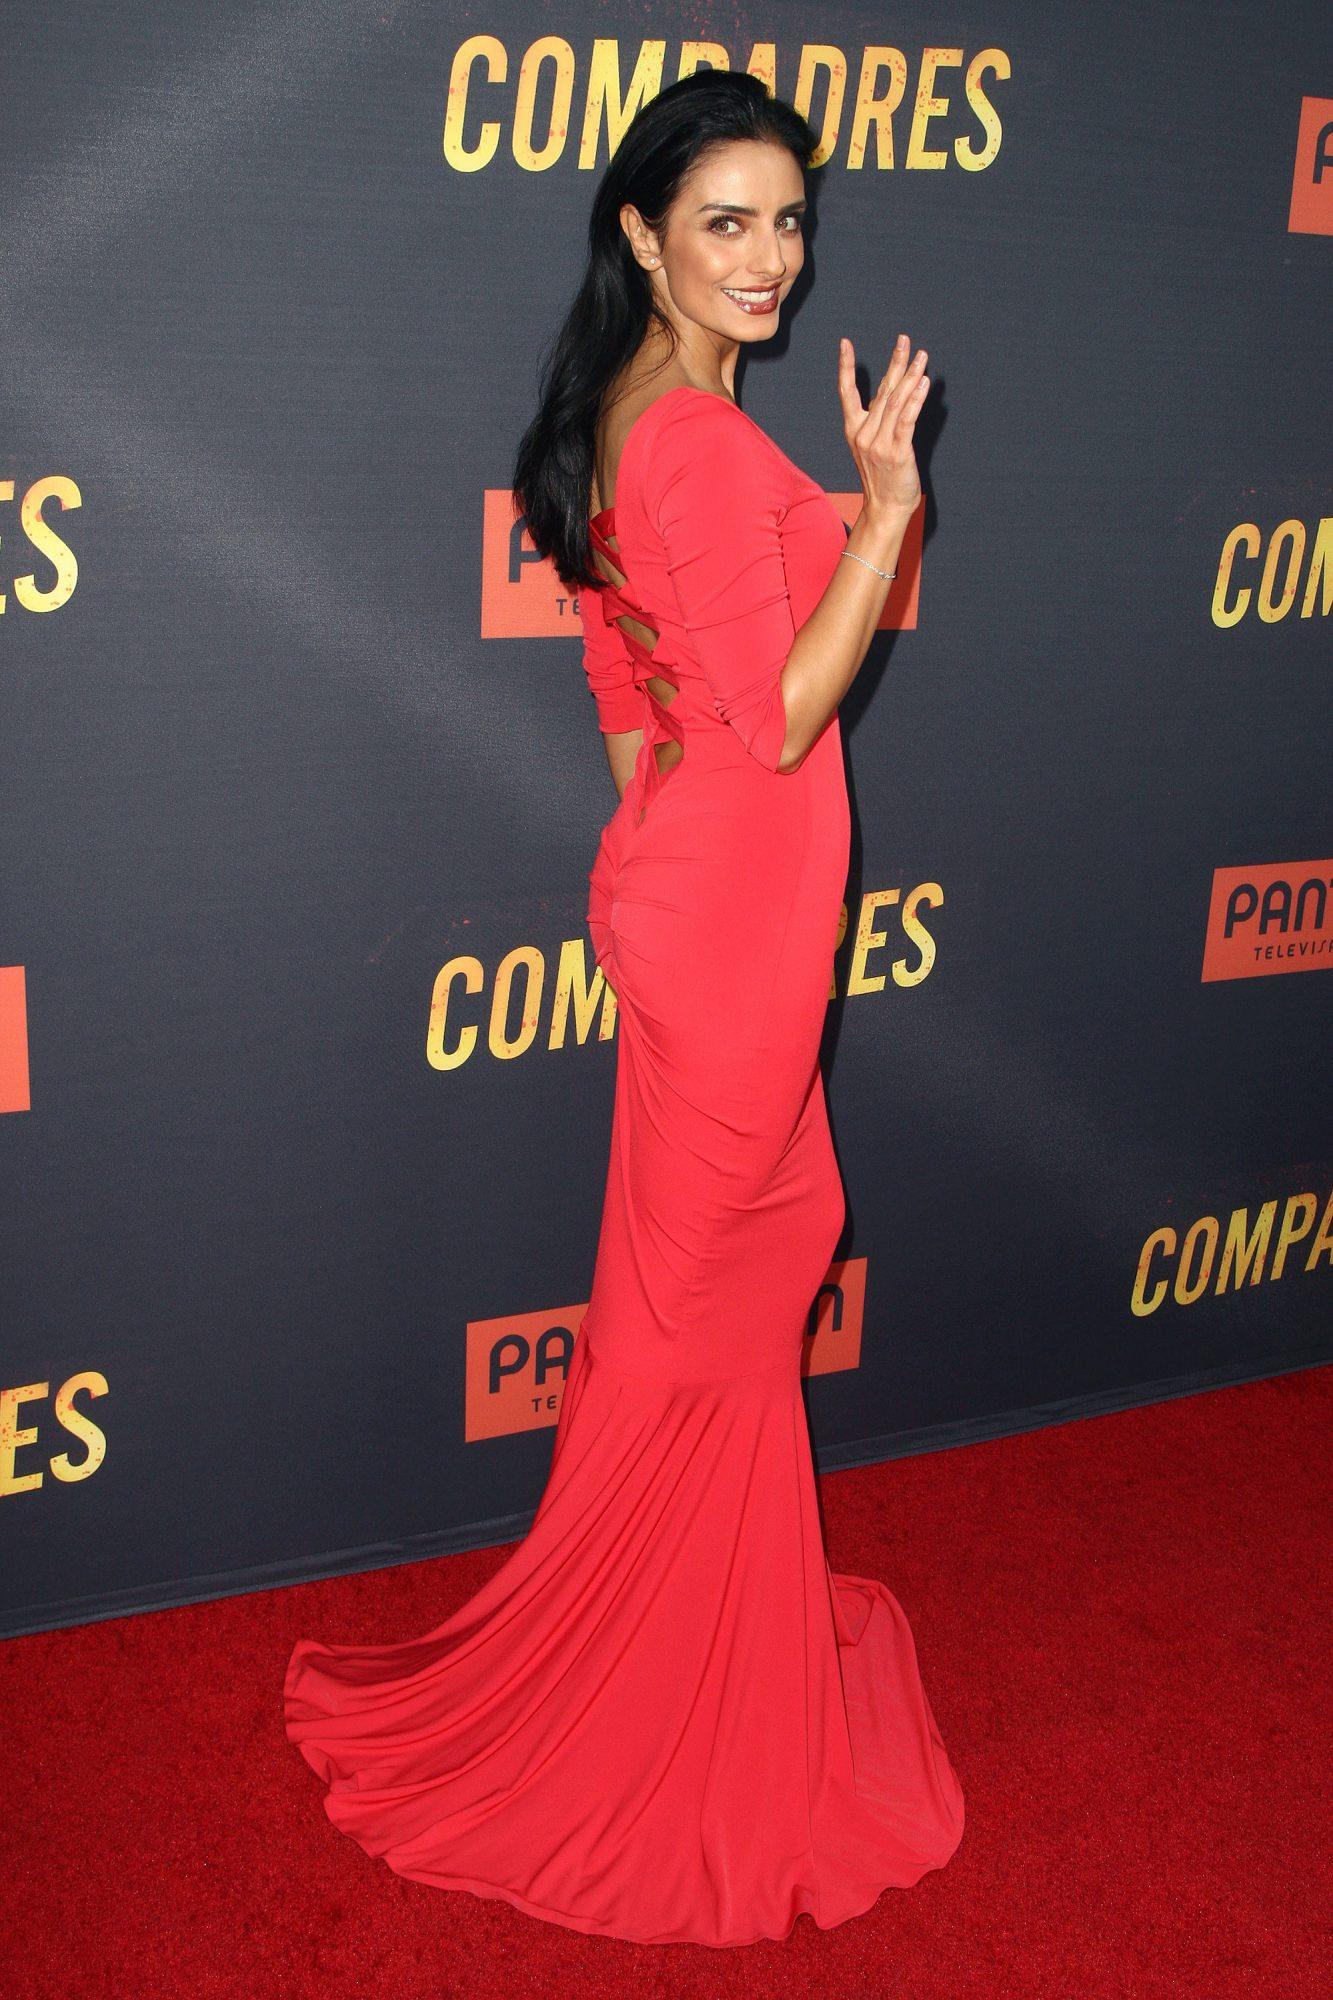 """Premiere Of Pantelion Films' """"Compadres"""" - Arrivals"""